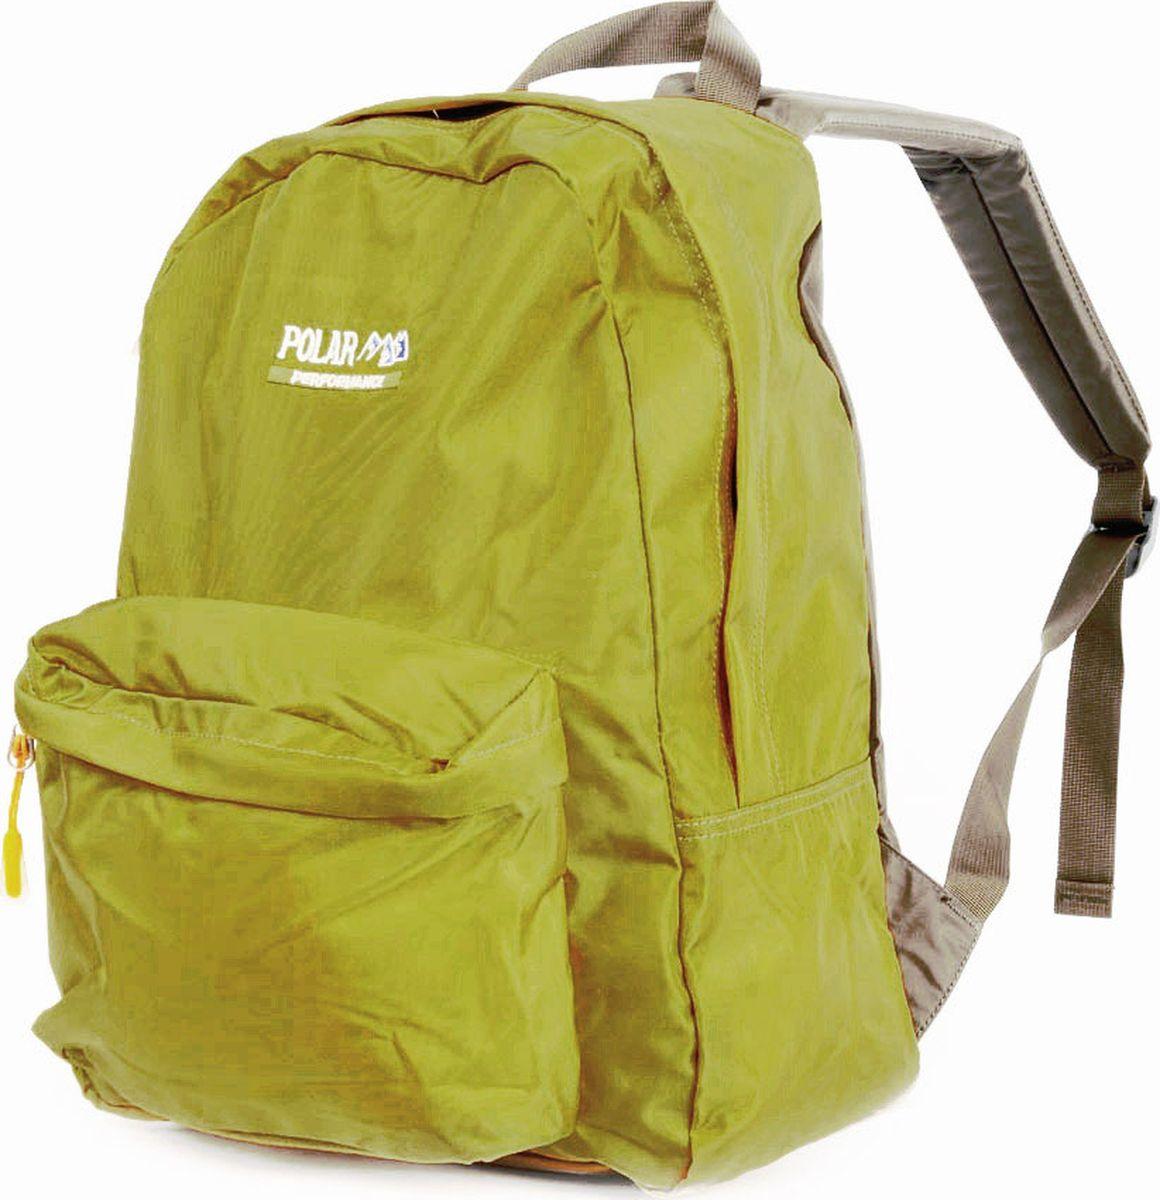 Рюкзак городской Polar, цвет: желтый, 27,5 л. П1611-03П1611-03Рюкзак легкий городской. Одно основное отделение. Спереди — накладной карман на молнии. Спинка и лямки рюкзака пропенены.